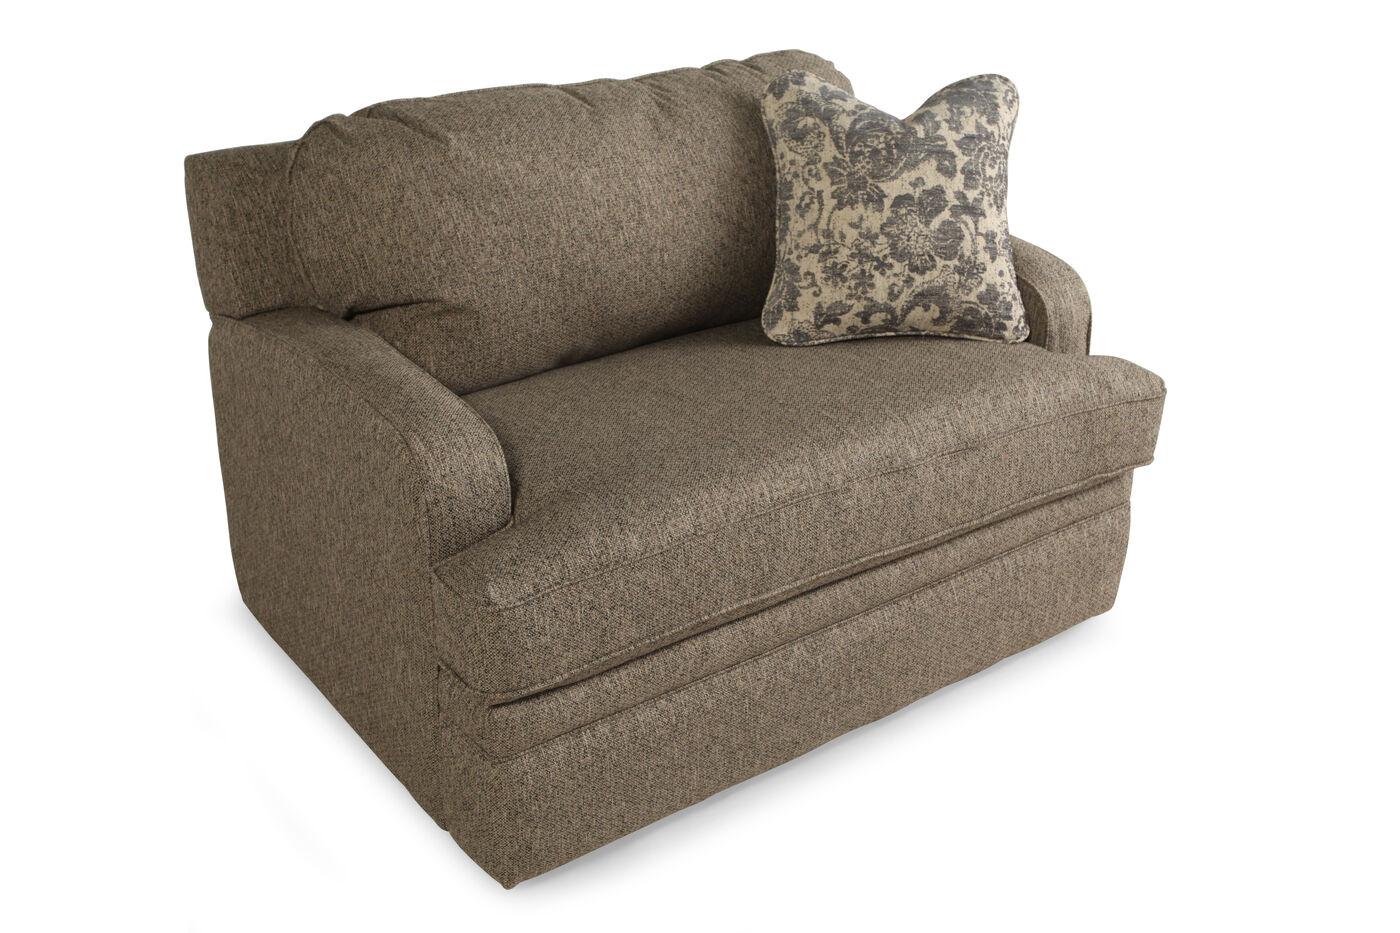 La z boy sleeper sofa la z boy supreme comfort sleep for La z boy sectional sleeper sofa